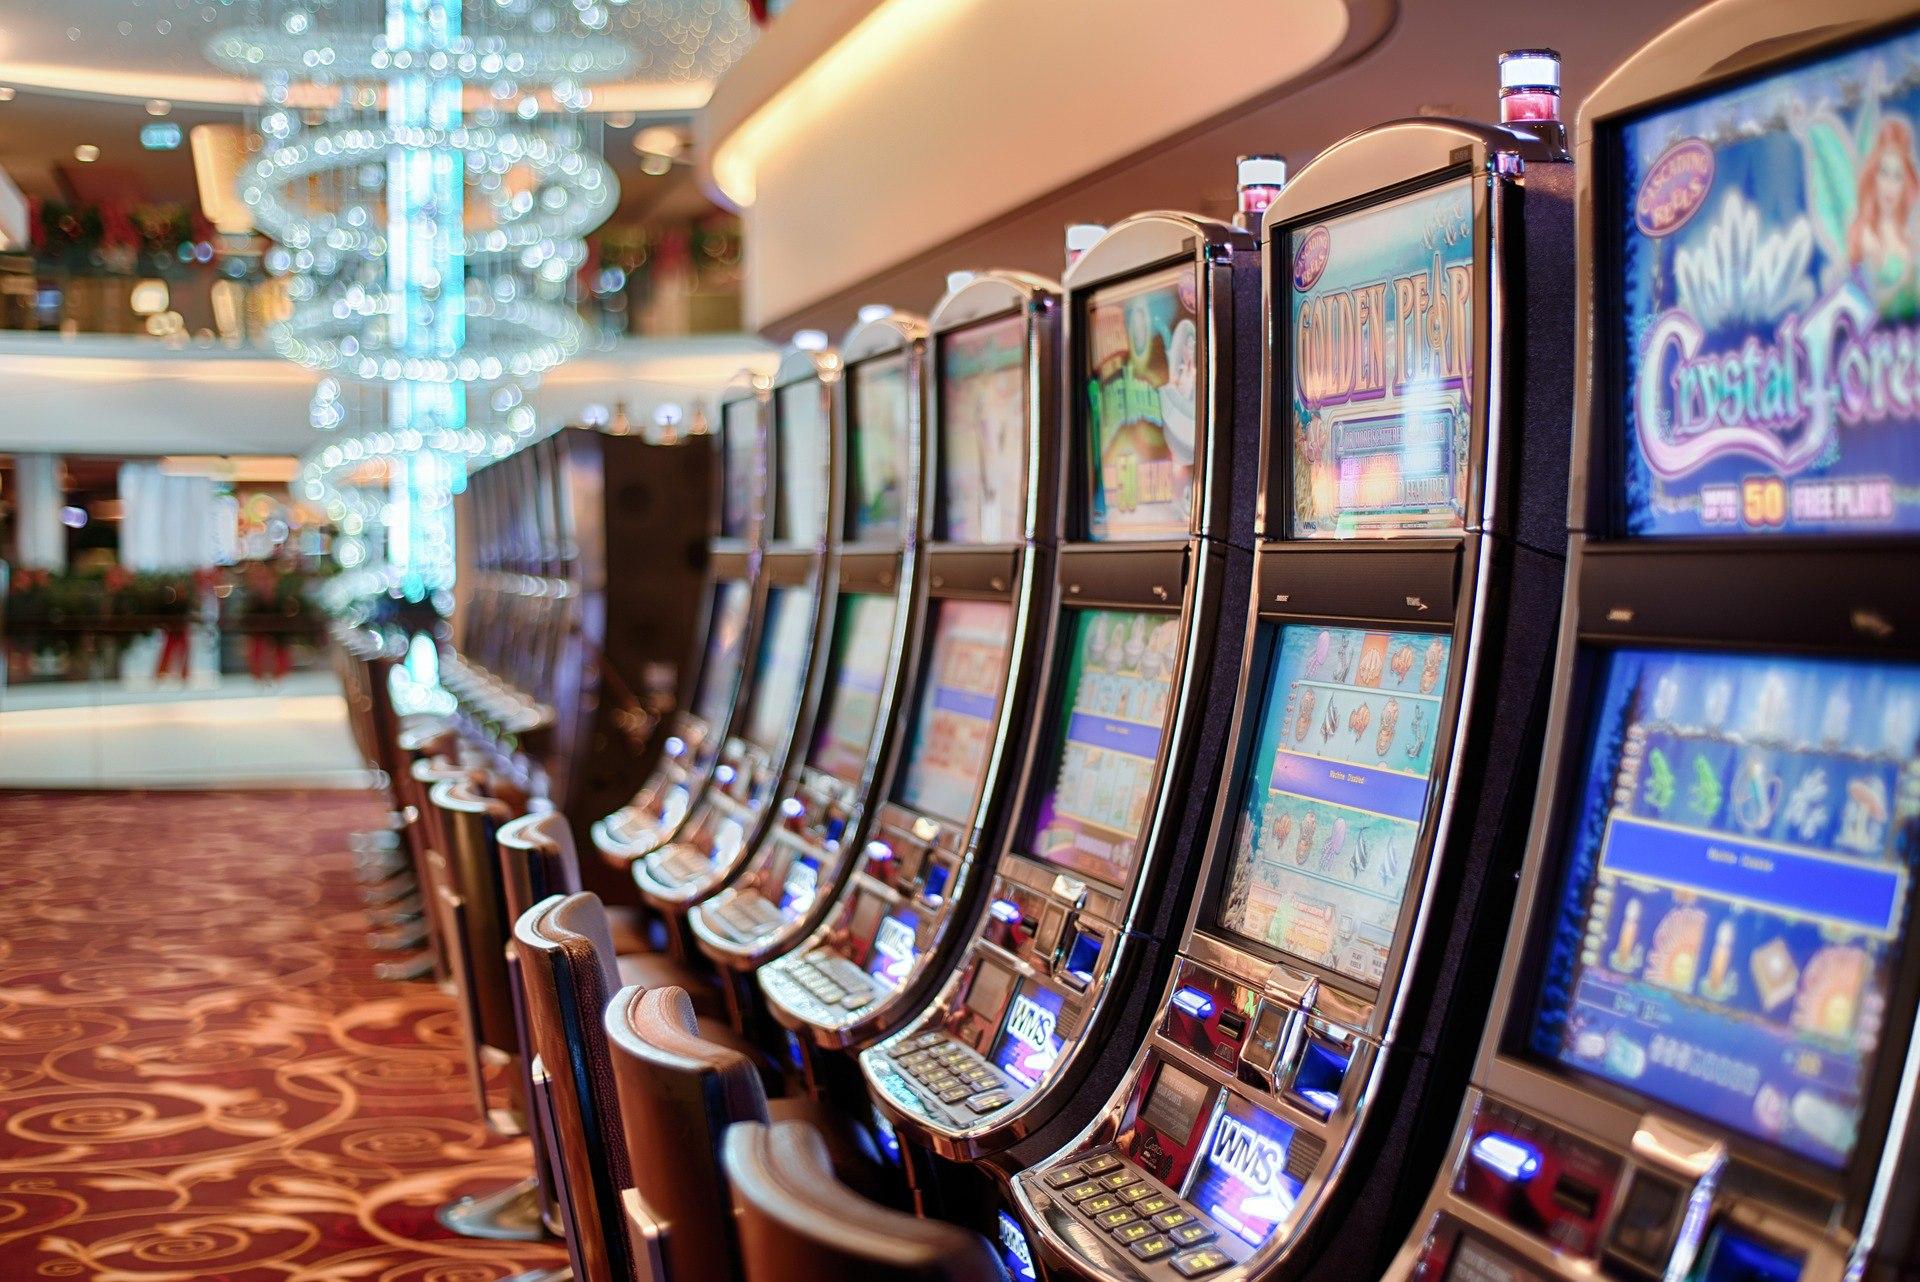 Игровые автоматы выхино смотреть фильм казино рояль онлайн бесплатно в хорошем качестве 2014